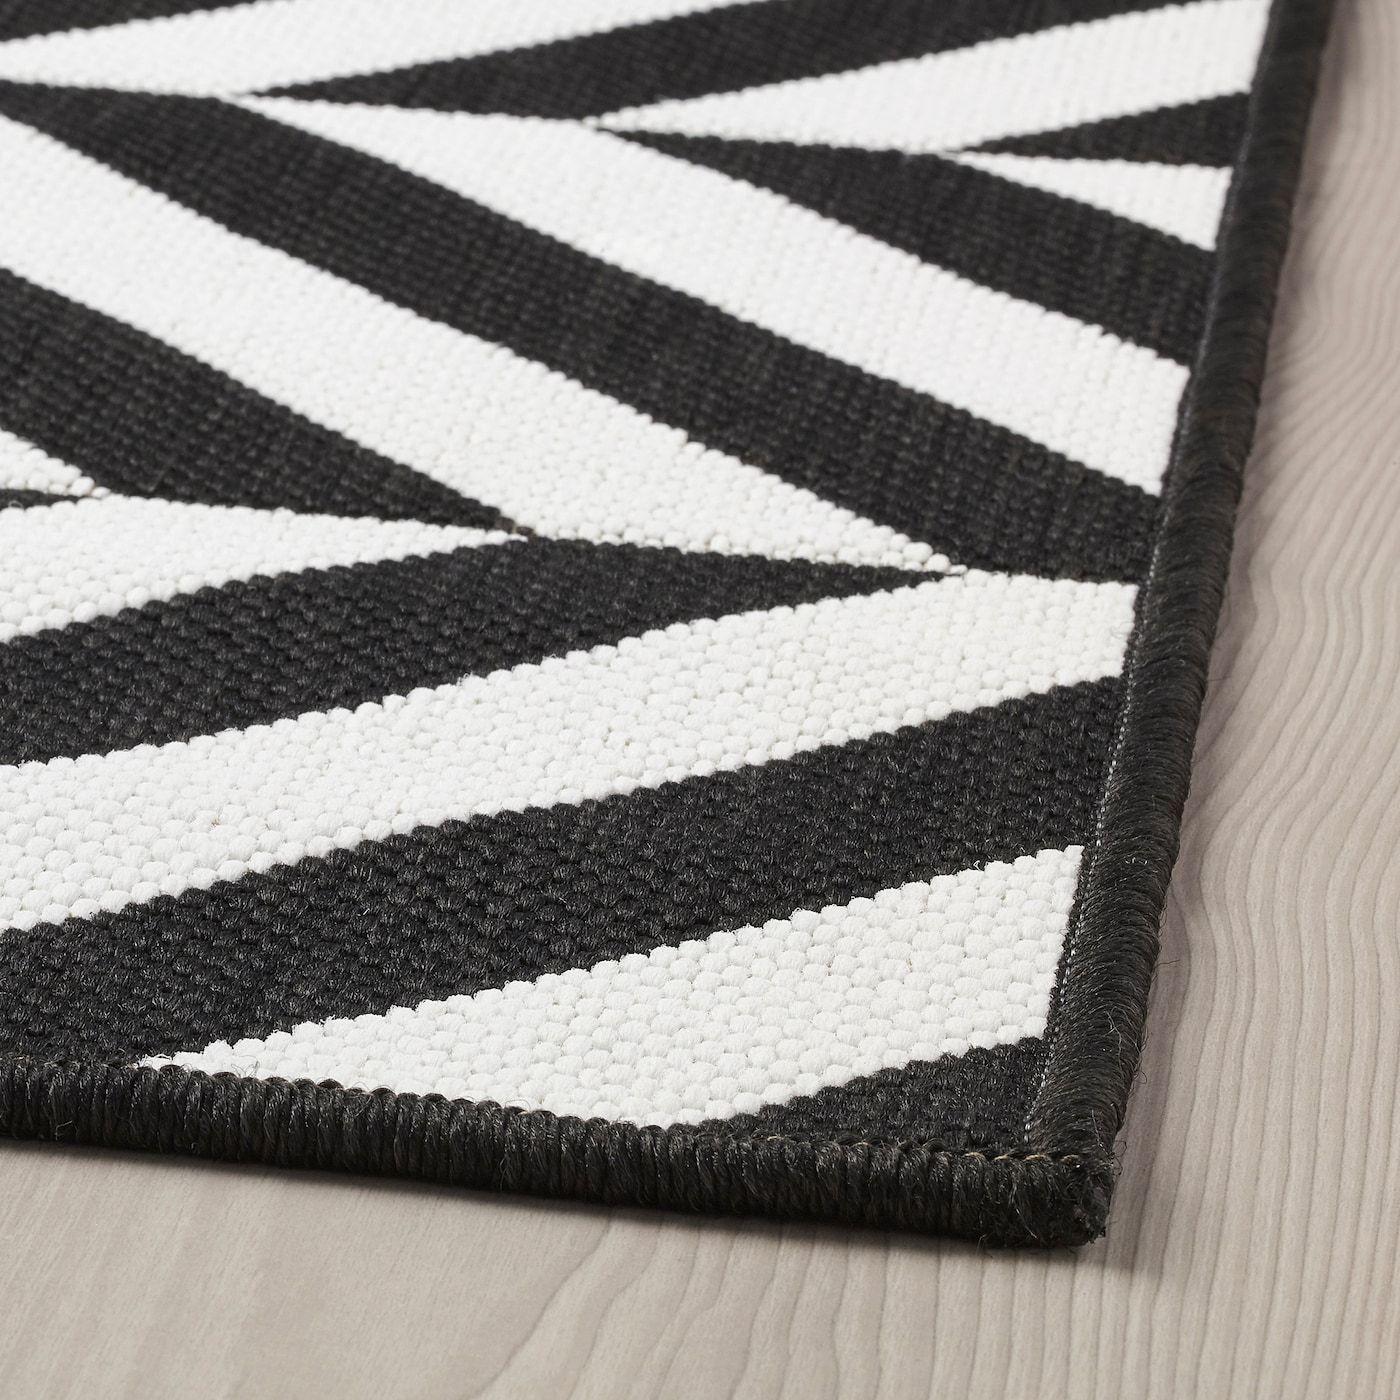 Skarrild Rug Flatwoven In Outdoor White Black 5 3